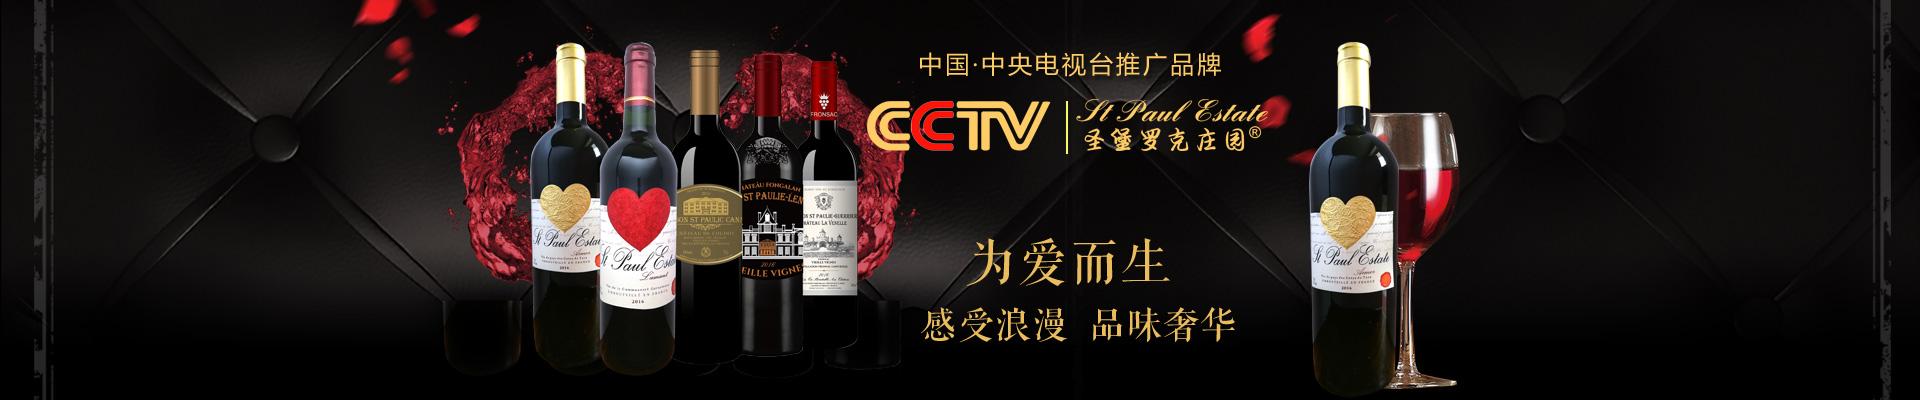 圣堡罗克(深圳)葡萄酒有限公司